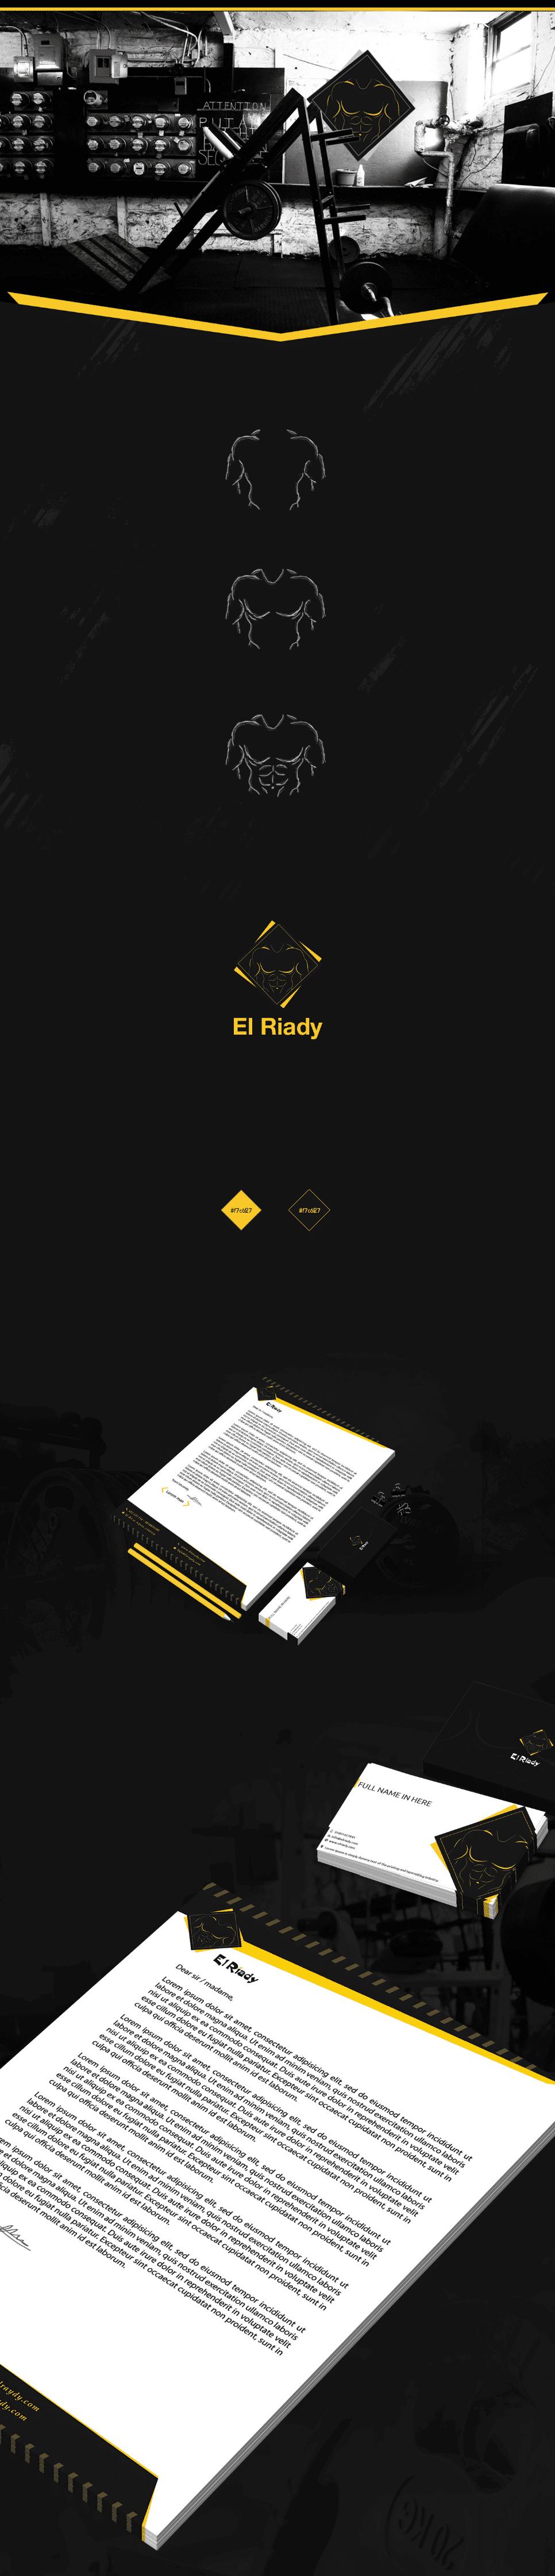 شعار وهوية و تصميم موقع الرياضى للمستلزمات الرياضية 2